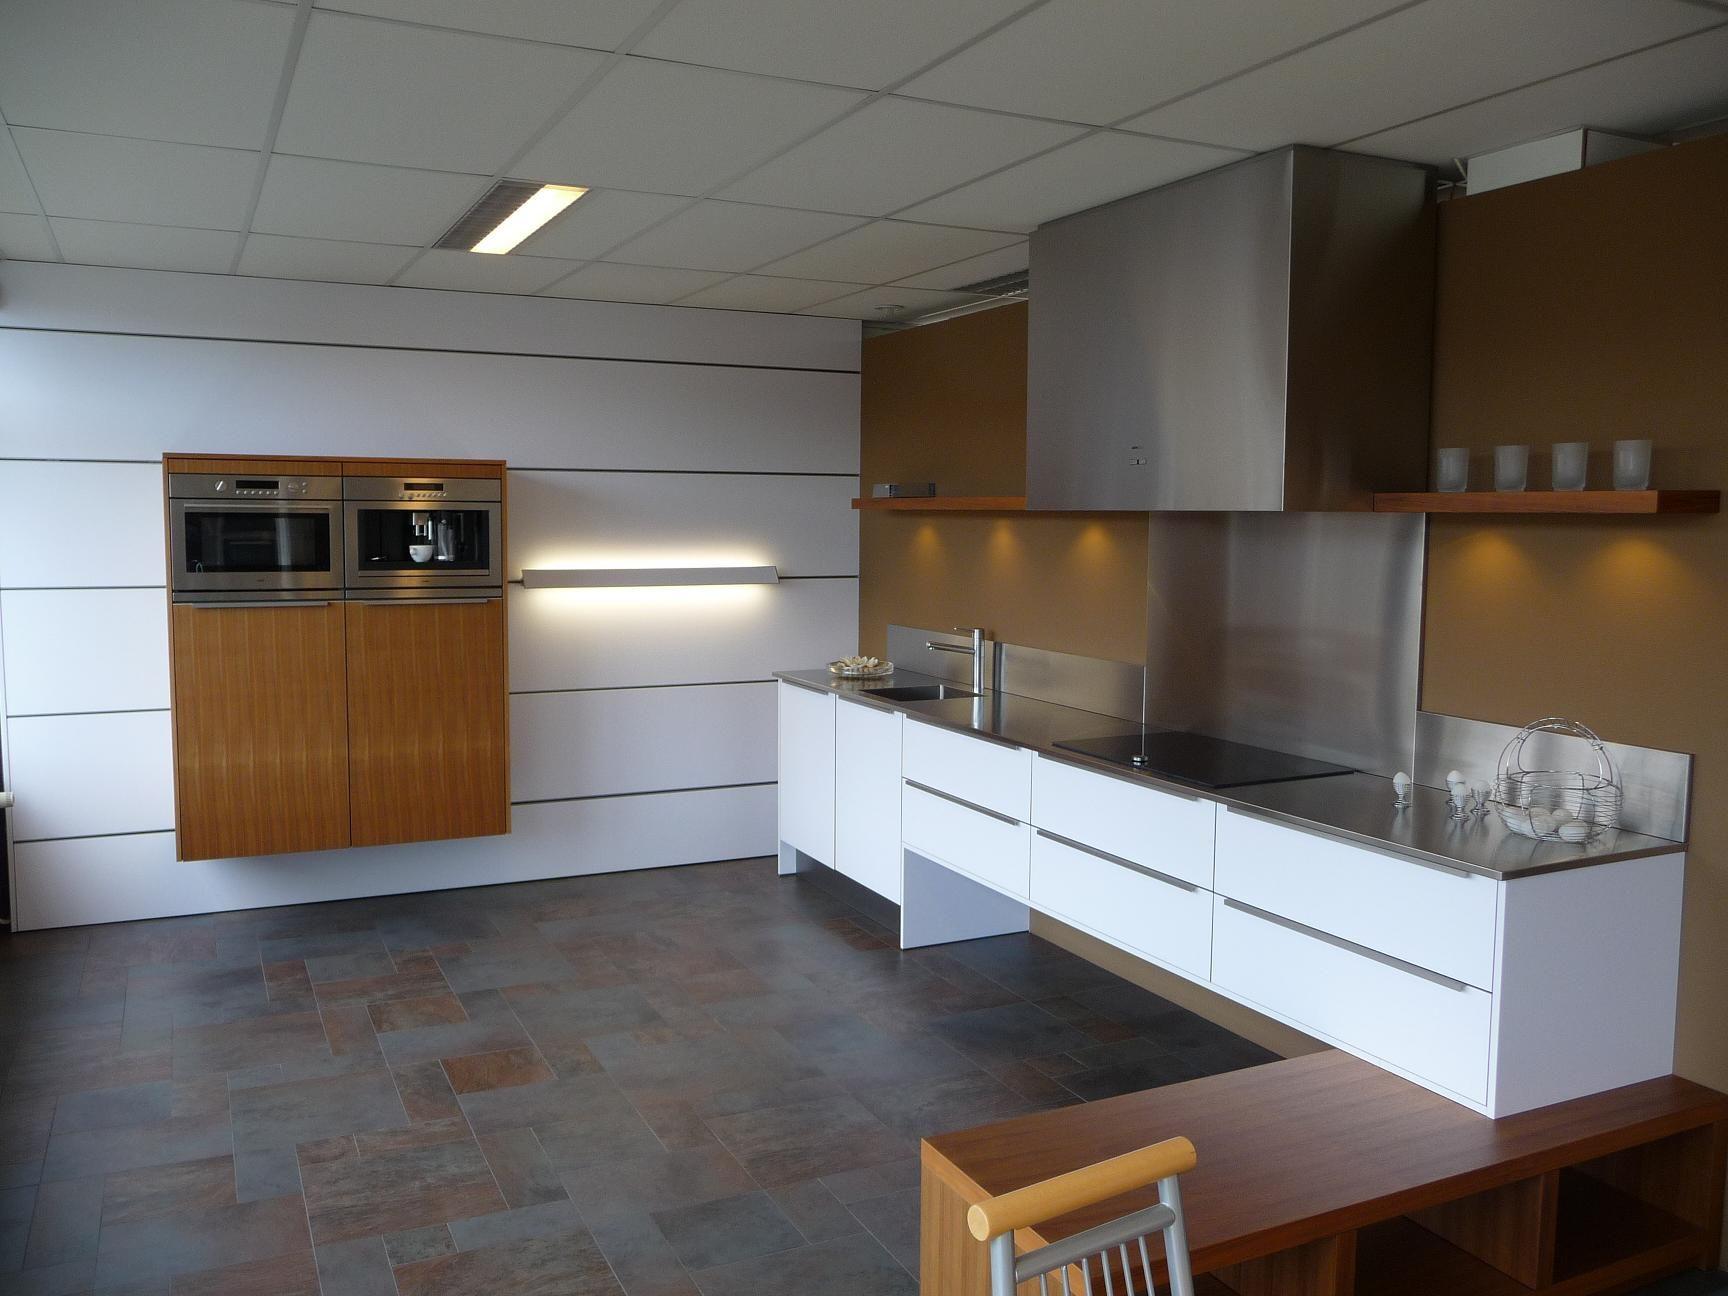 Keuken Plint Monteren : keukens voor zeer lage keuken prijzen Eggersmann vrijhangende keuken